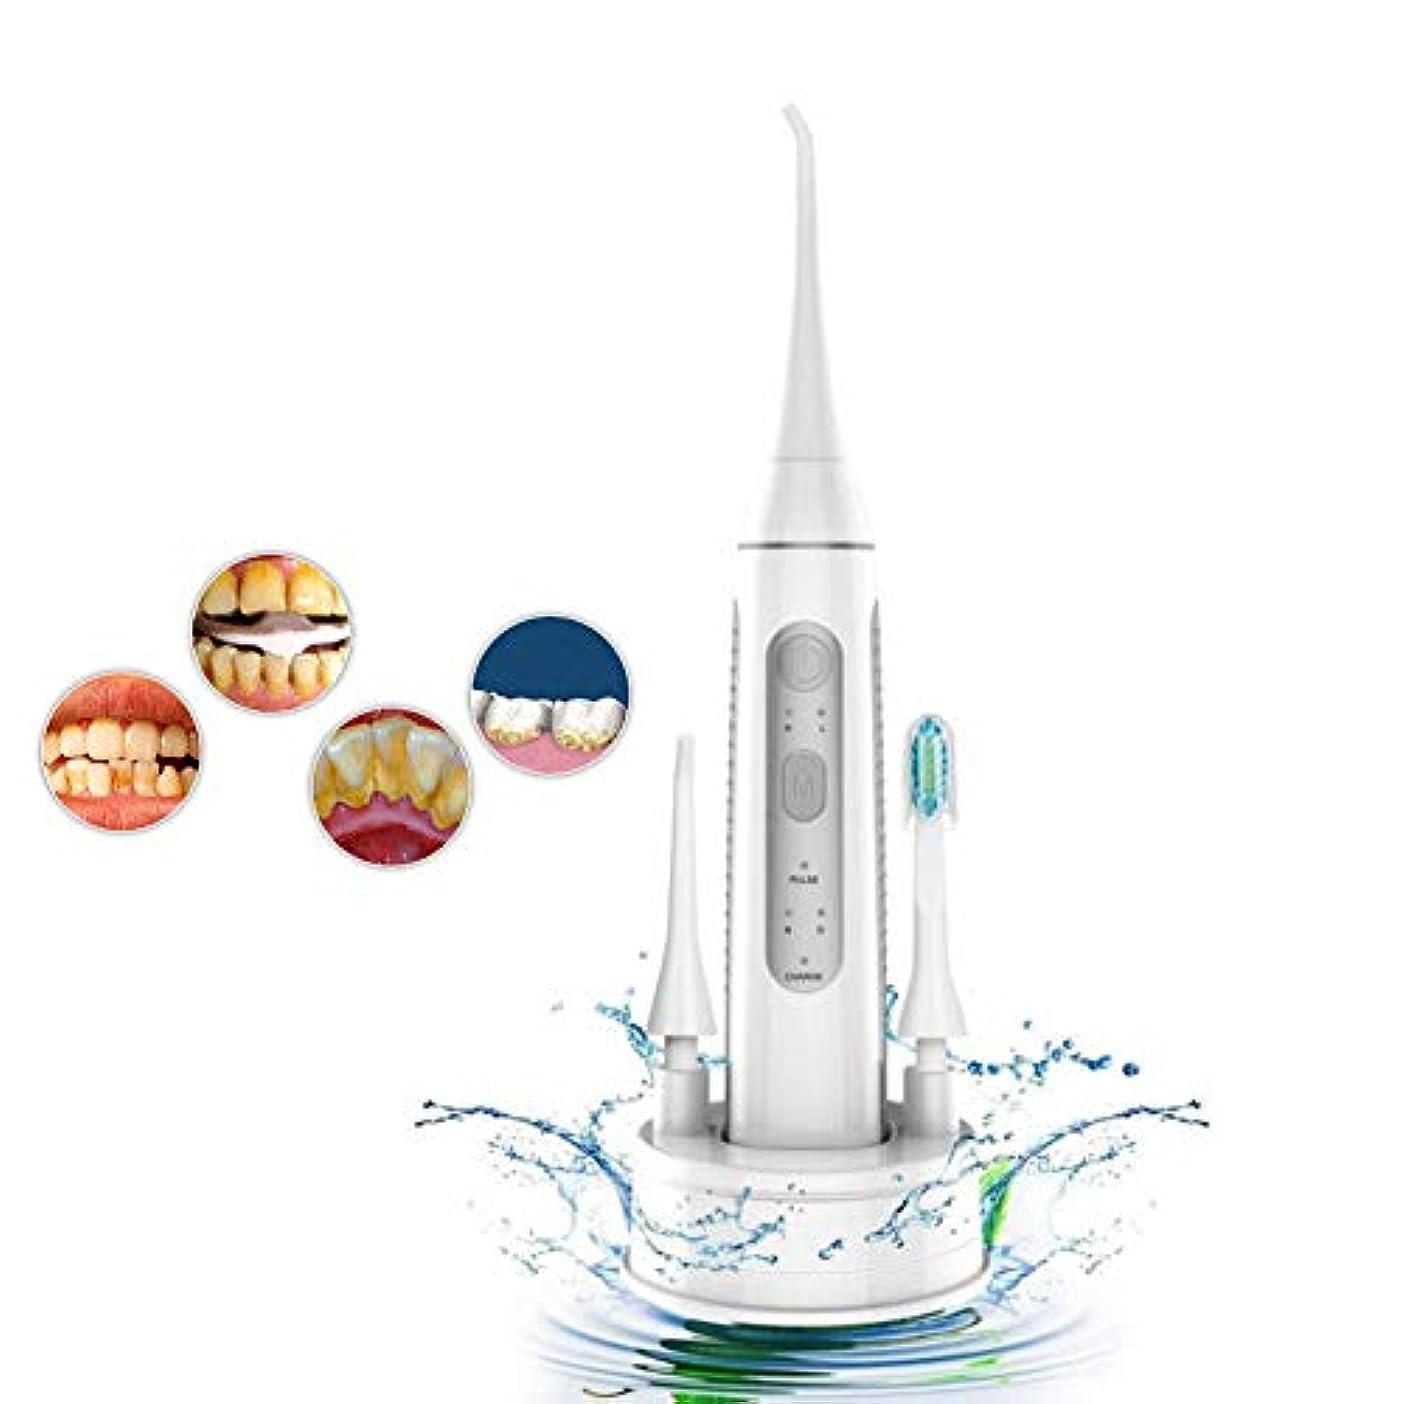 クリエイティブ応用トイレ超音波電動歯サーファー、2 in 1口腔ケア歯磨き粉機器ホームポータブルウォーターフロス歯のクリーニング機3モード大人と子供に適して,Gray